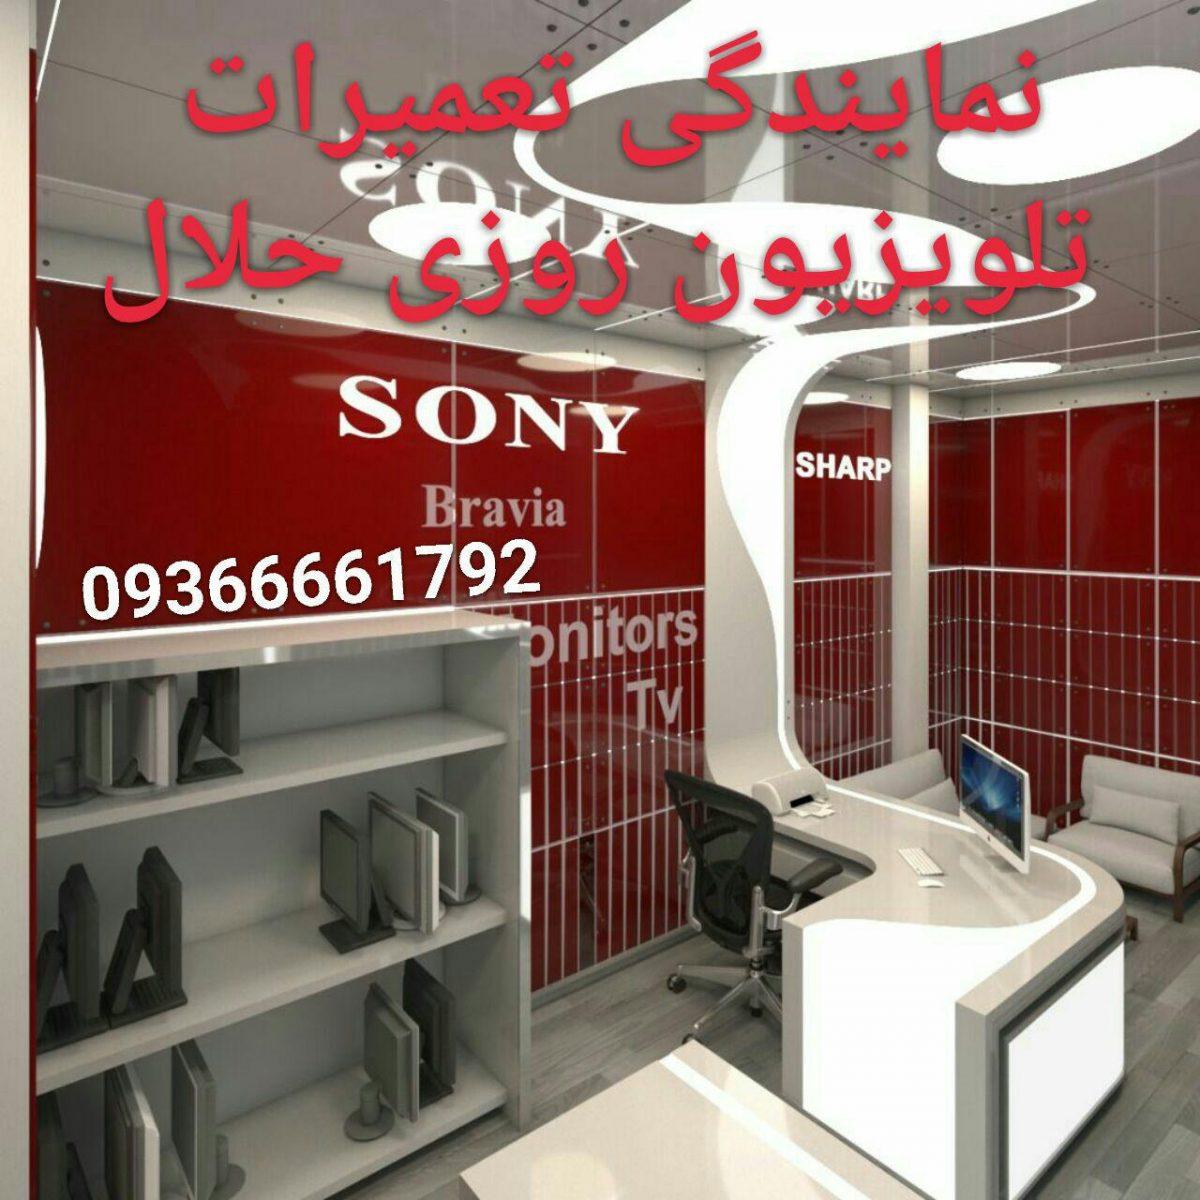 نصب و تعمیر تلویزیون ایکس ویژن مشهد